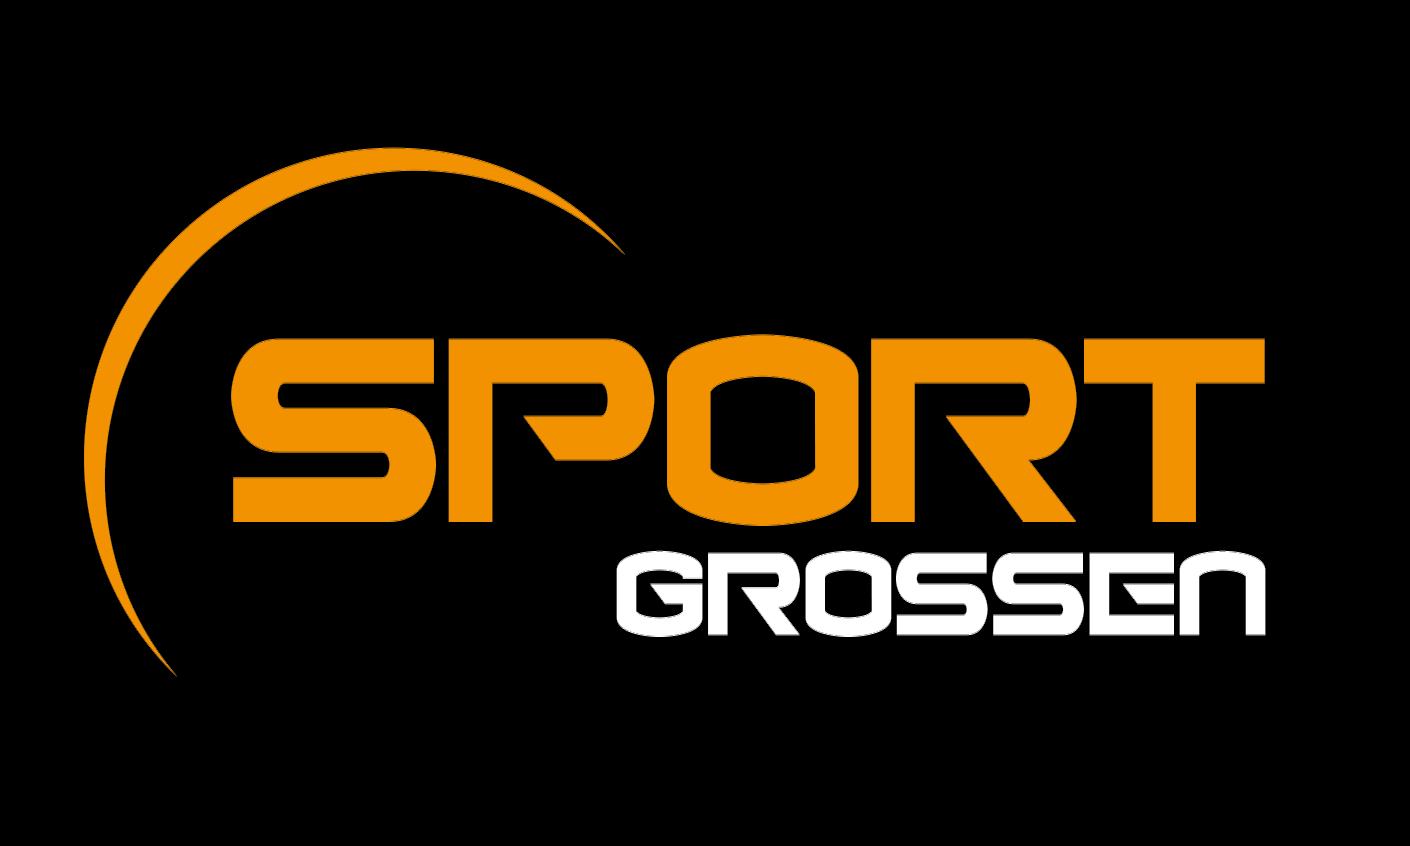 Sportgrossen